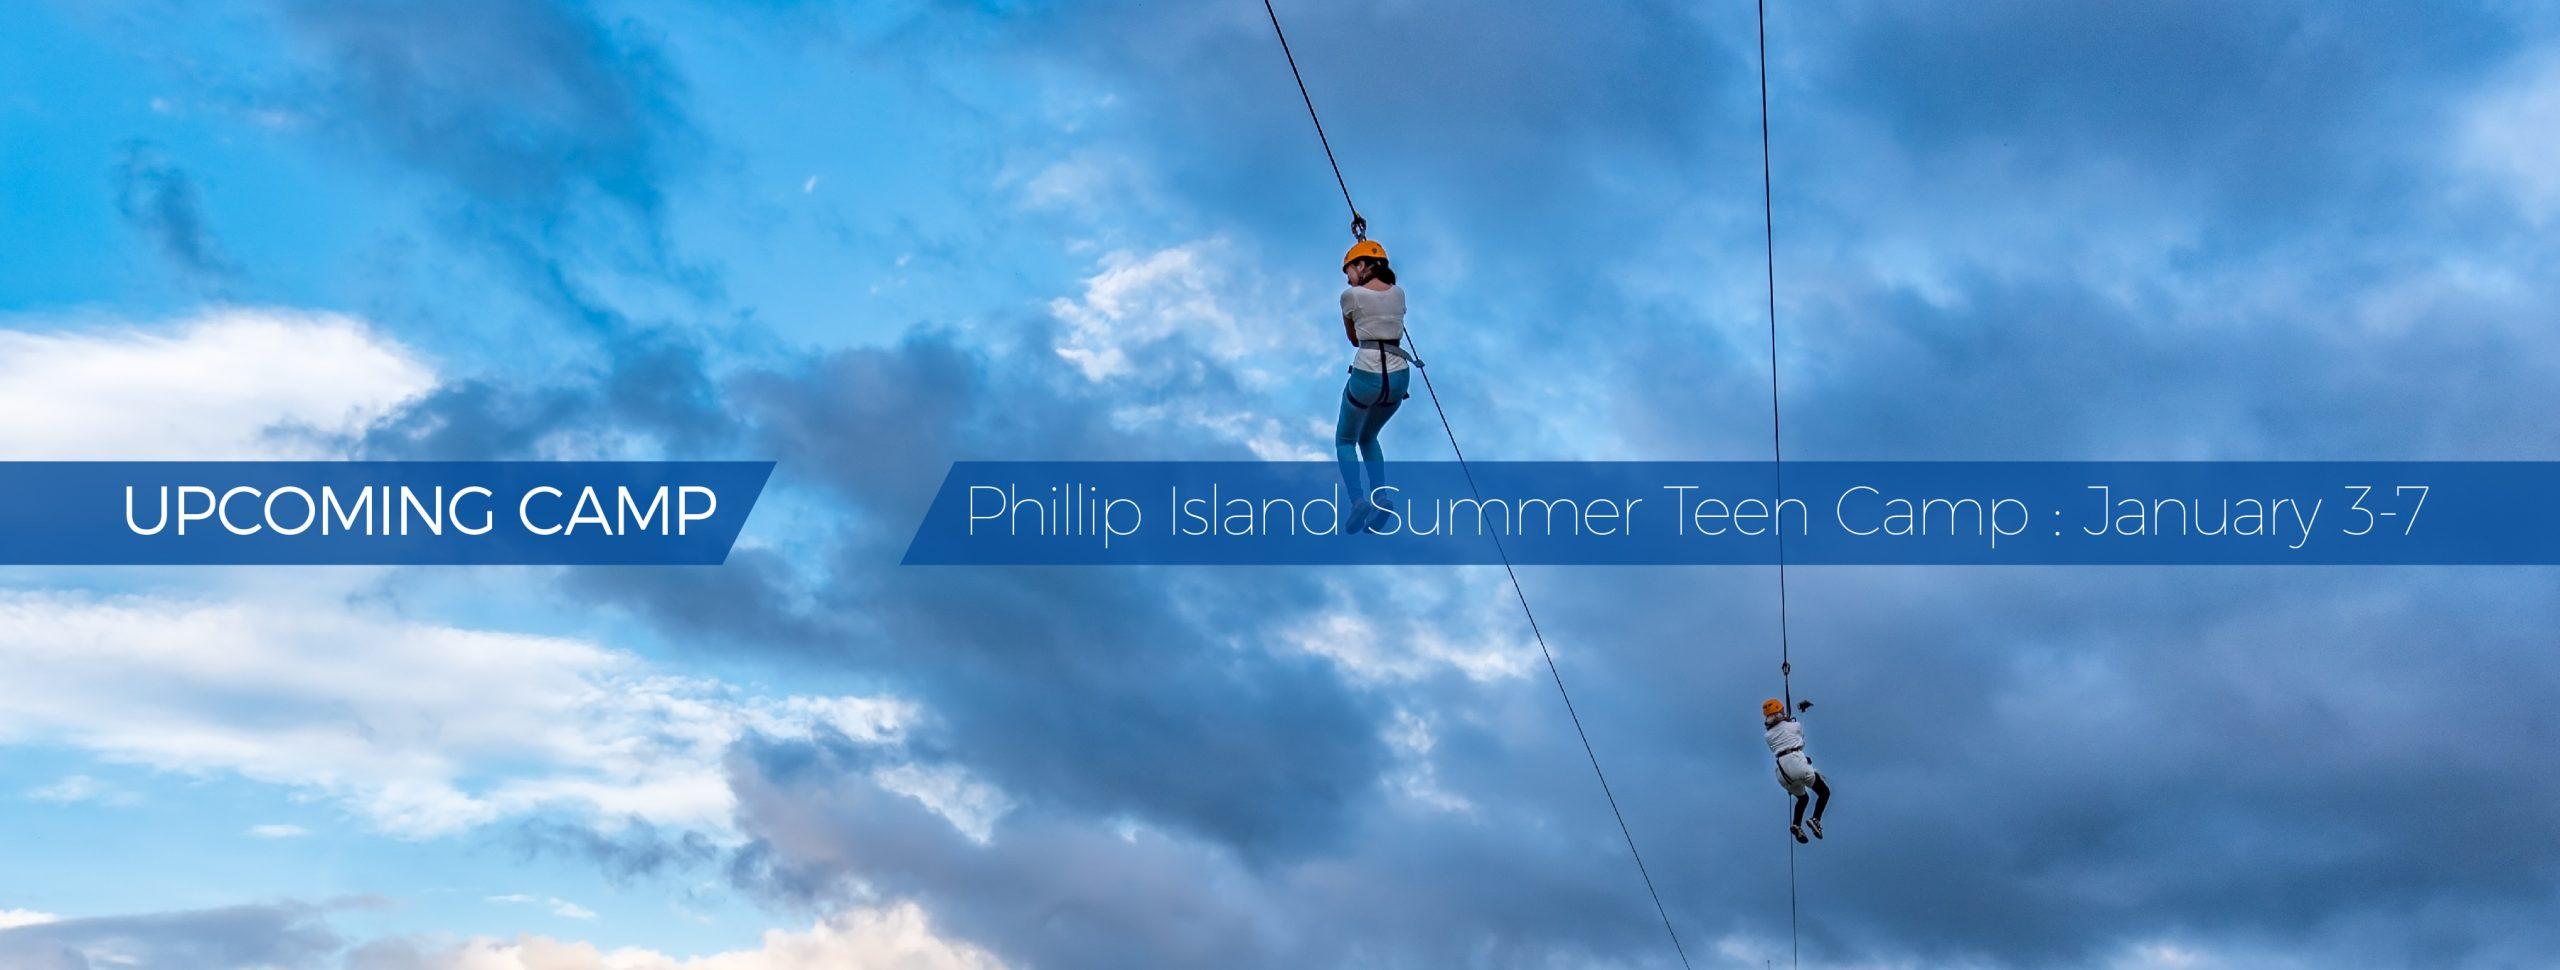 Esa Camp Phillip Island